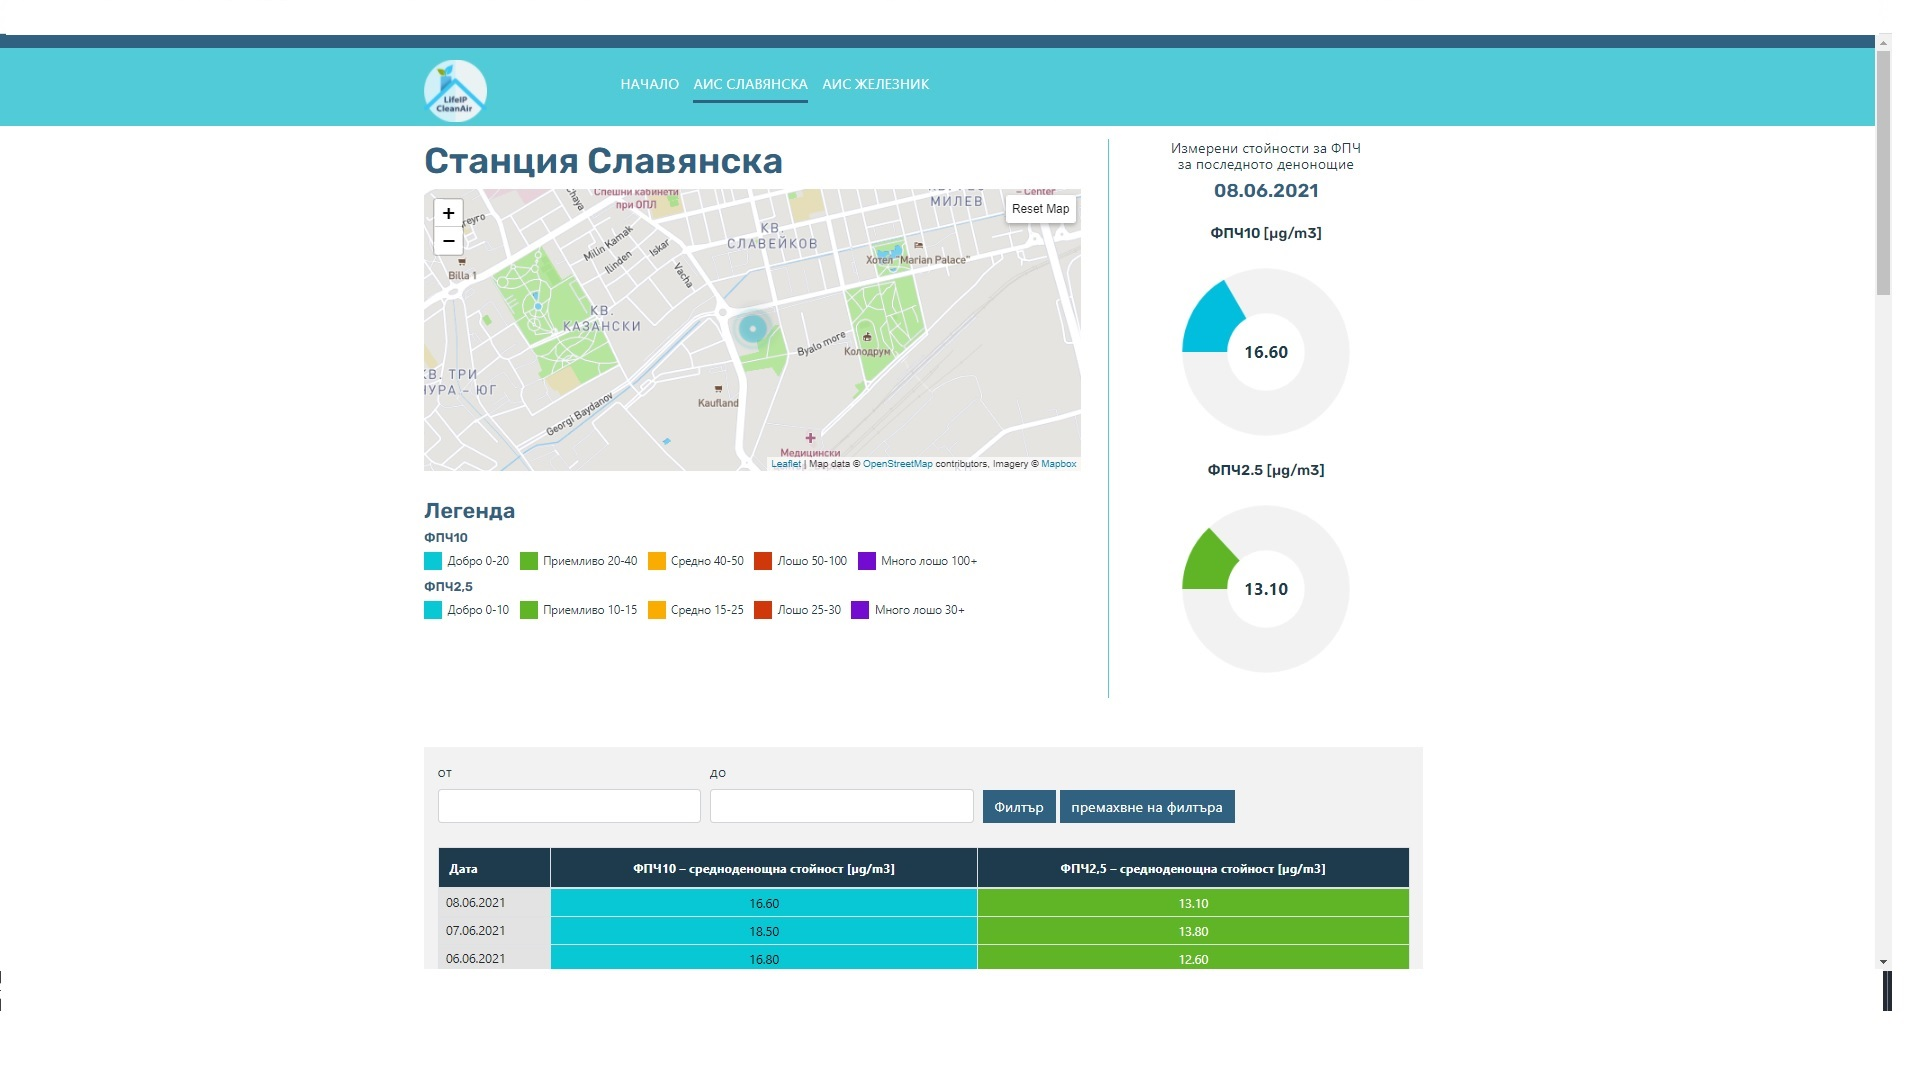 Данните от измервателните станции за контрол на чистотата на атмосферния въздух в Община Стара Загора вече са достъпни на интернет страницата на общината